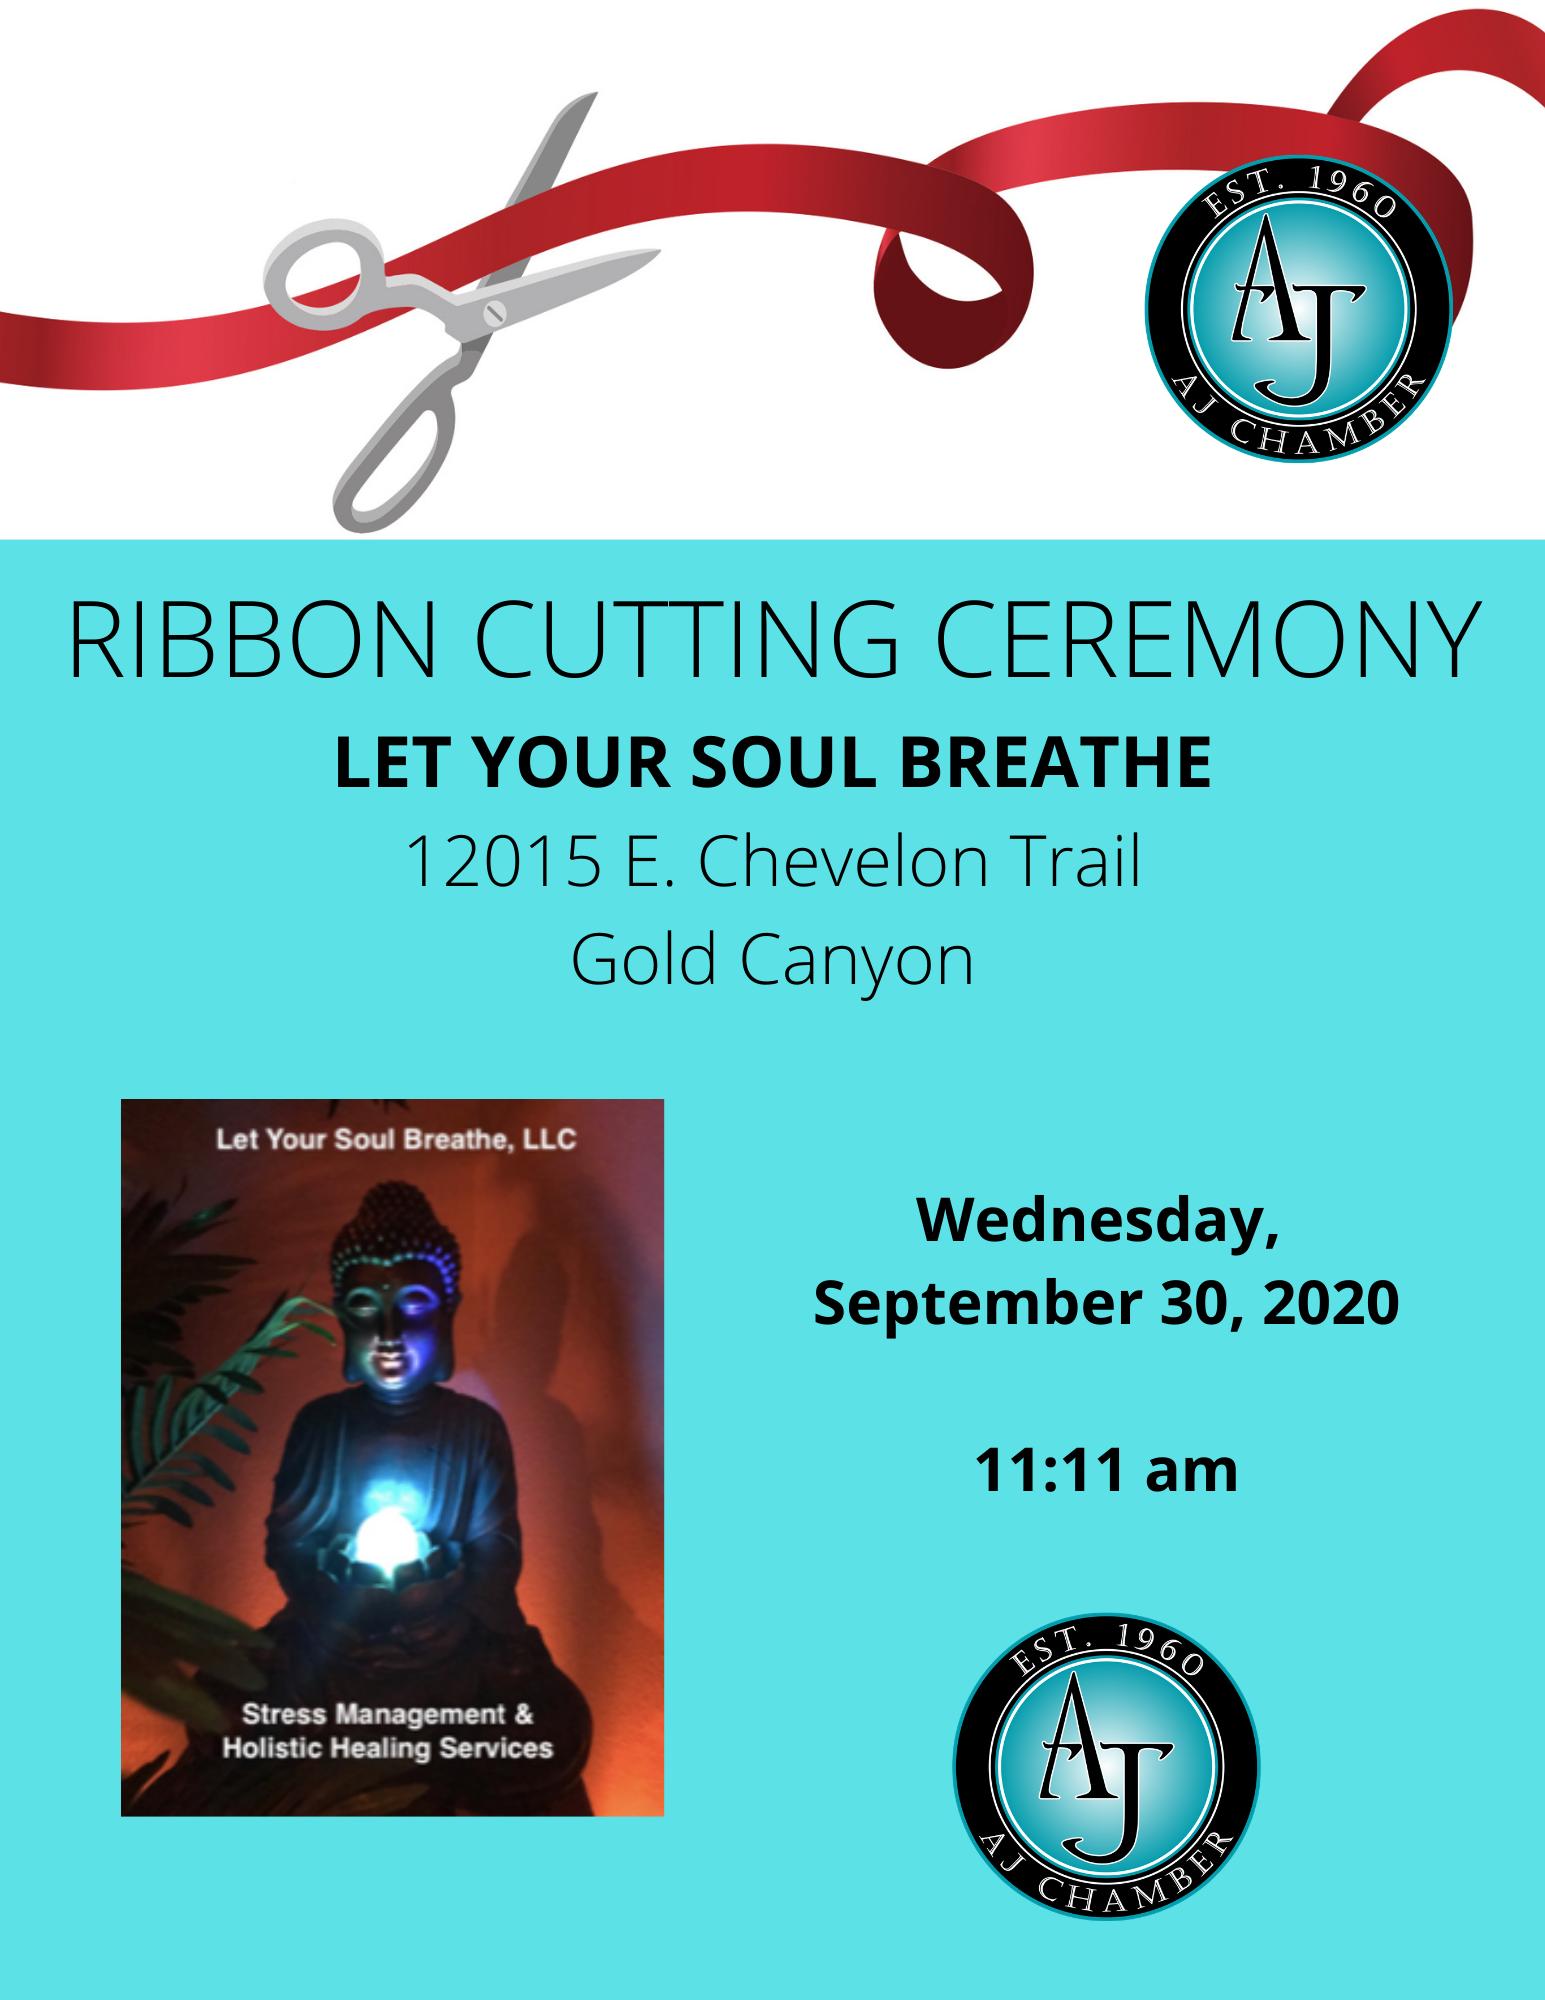 Let Your Soul Breathe